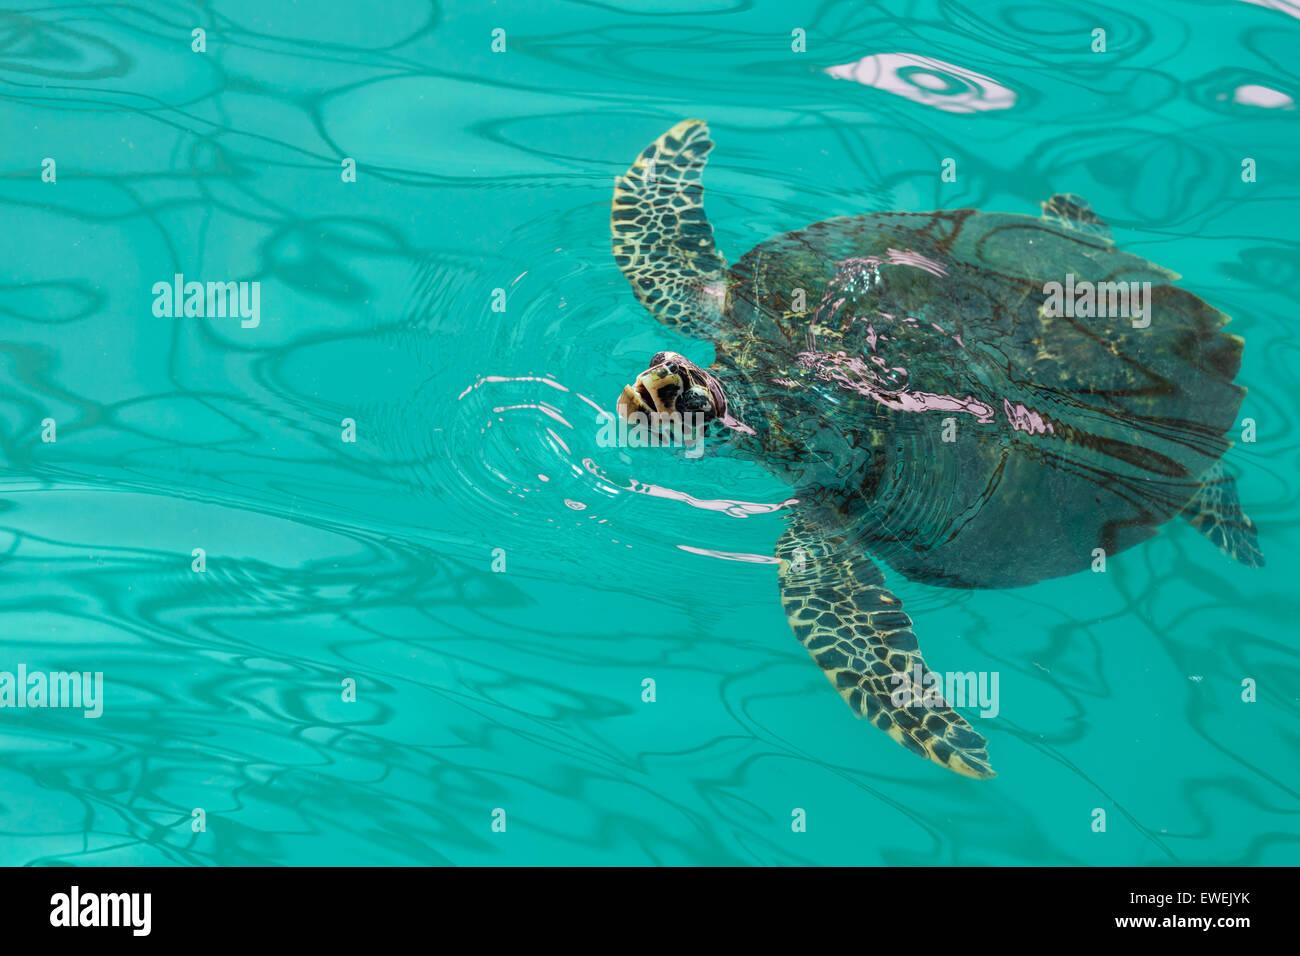 Sea turtle swimming in a green pool Stock Photo: 84530087 ...